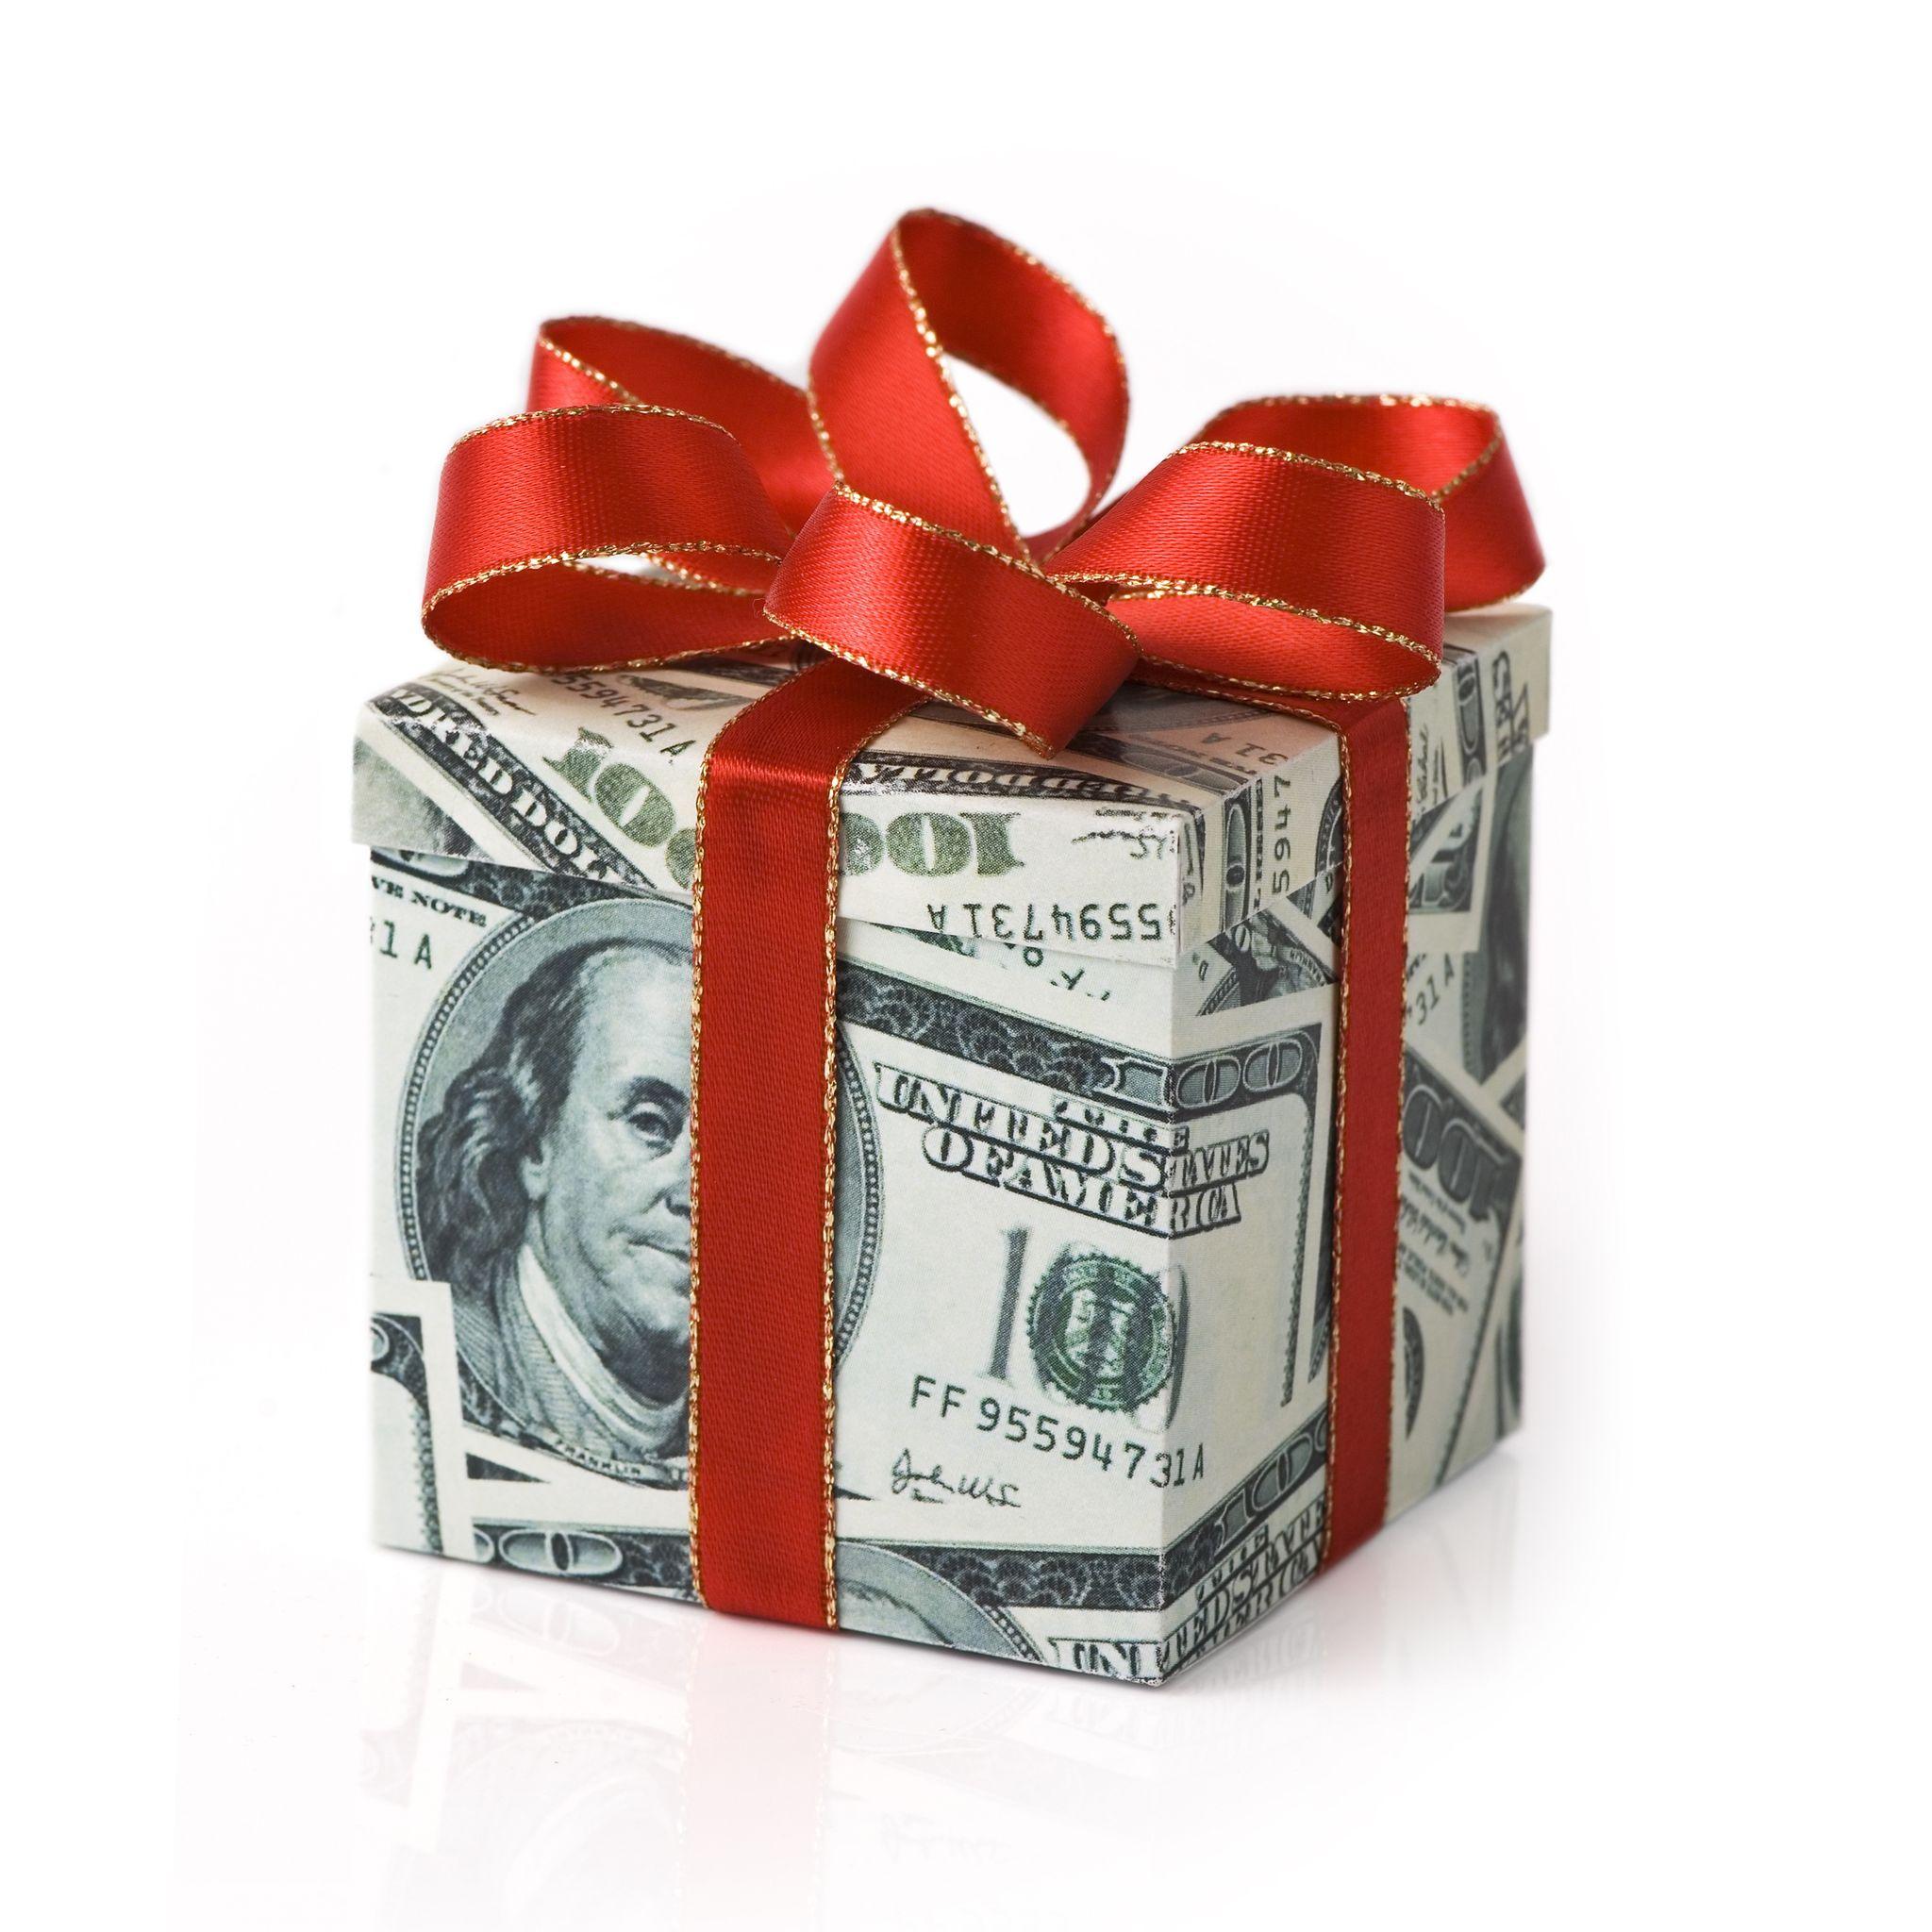 Что подарить дорогому человеку - идеи от Долины Подарков 100